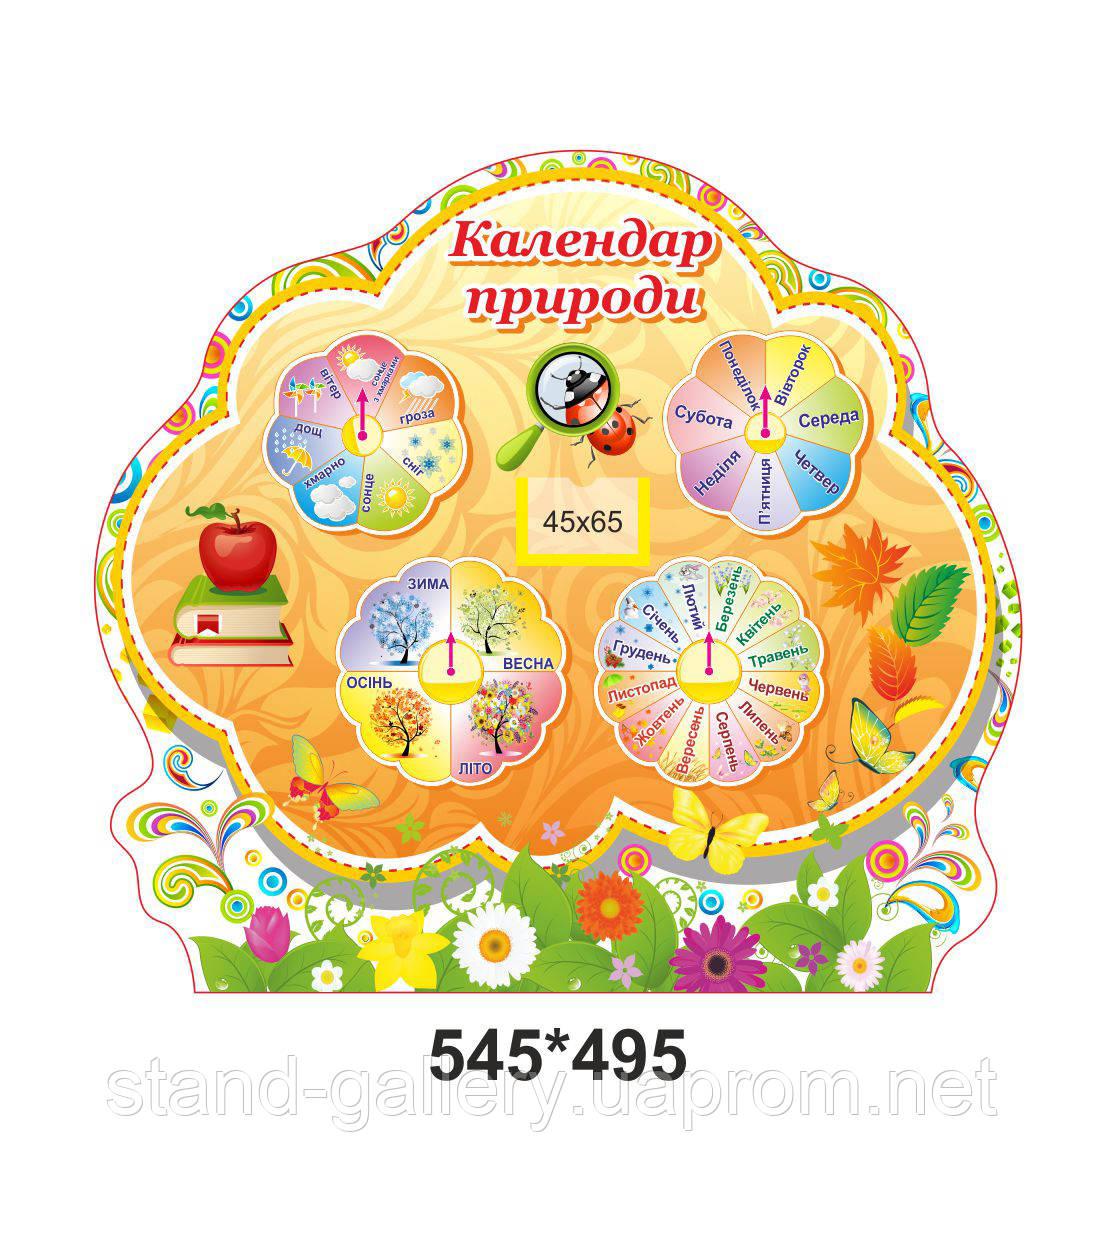 Настольная подставка для детских поделок Календарь природы